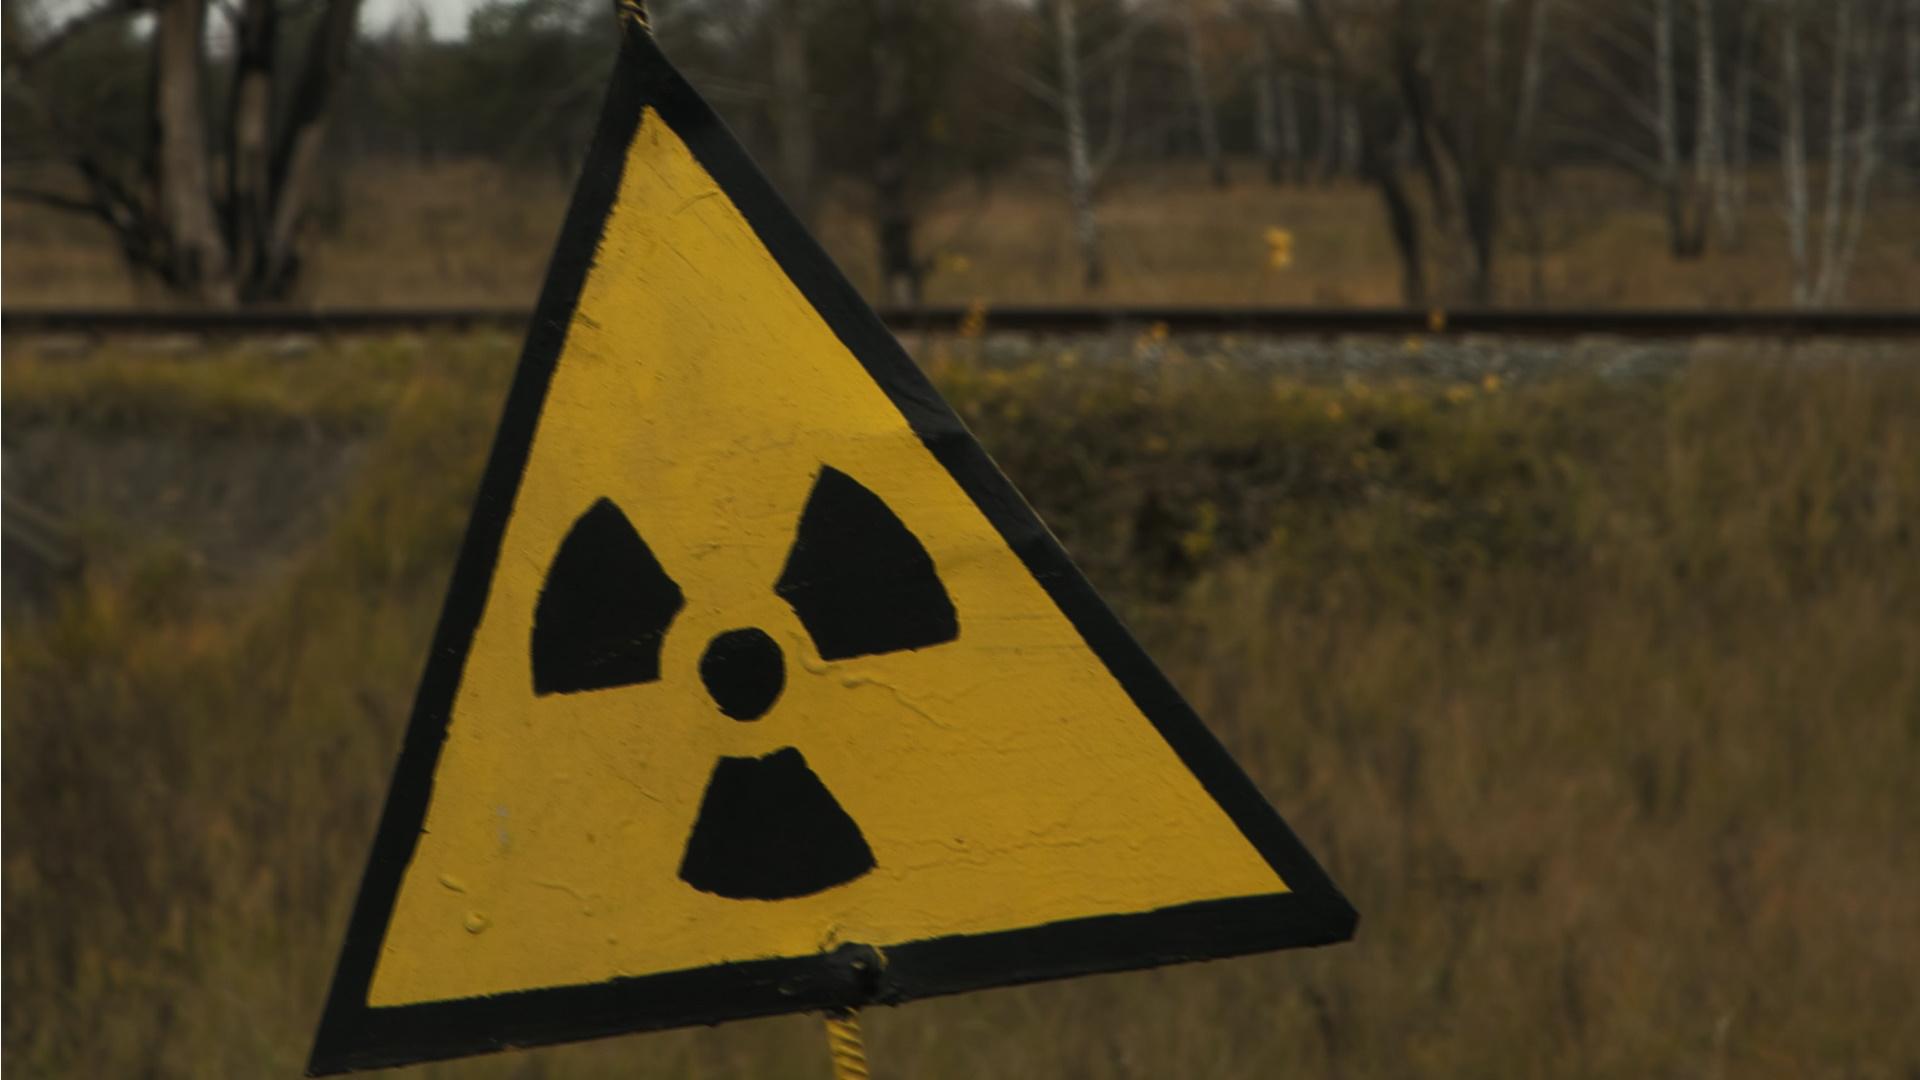 Rechazo total a ensayos nucleares llegará con otra generación, advierte ONU